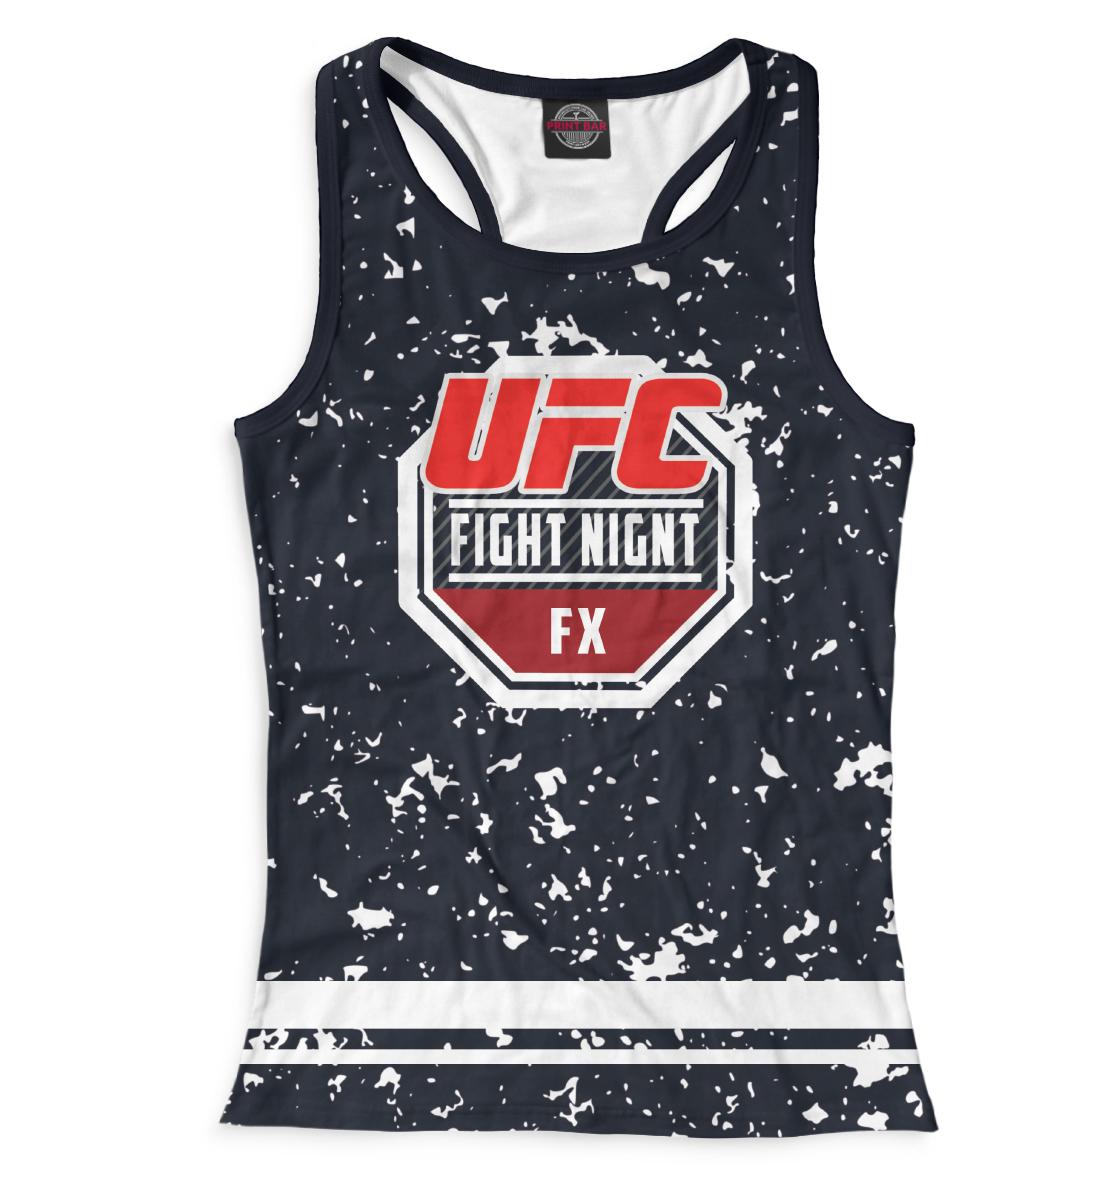 Купить UFC Fight Night, Printbar, Майки борцовки, MNU-848565-mayb-1